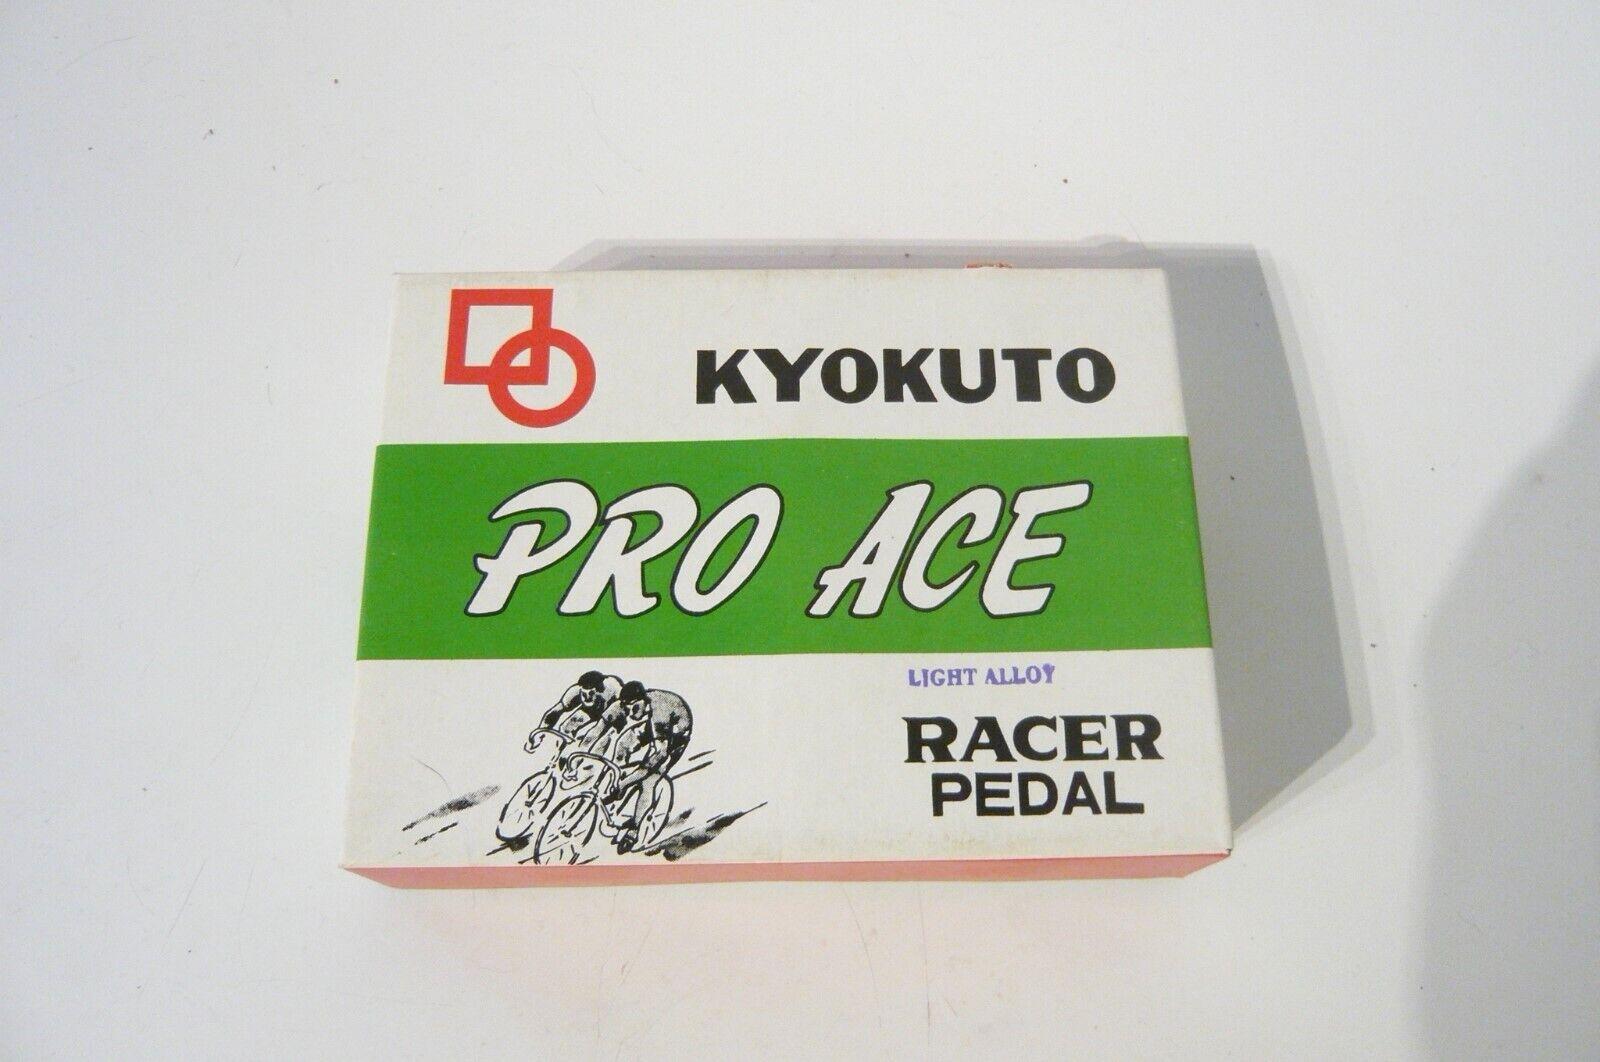 Kyokuto Pro Ace Vintage juego de Pedal de carretera Británico Thread Superlight